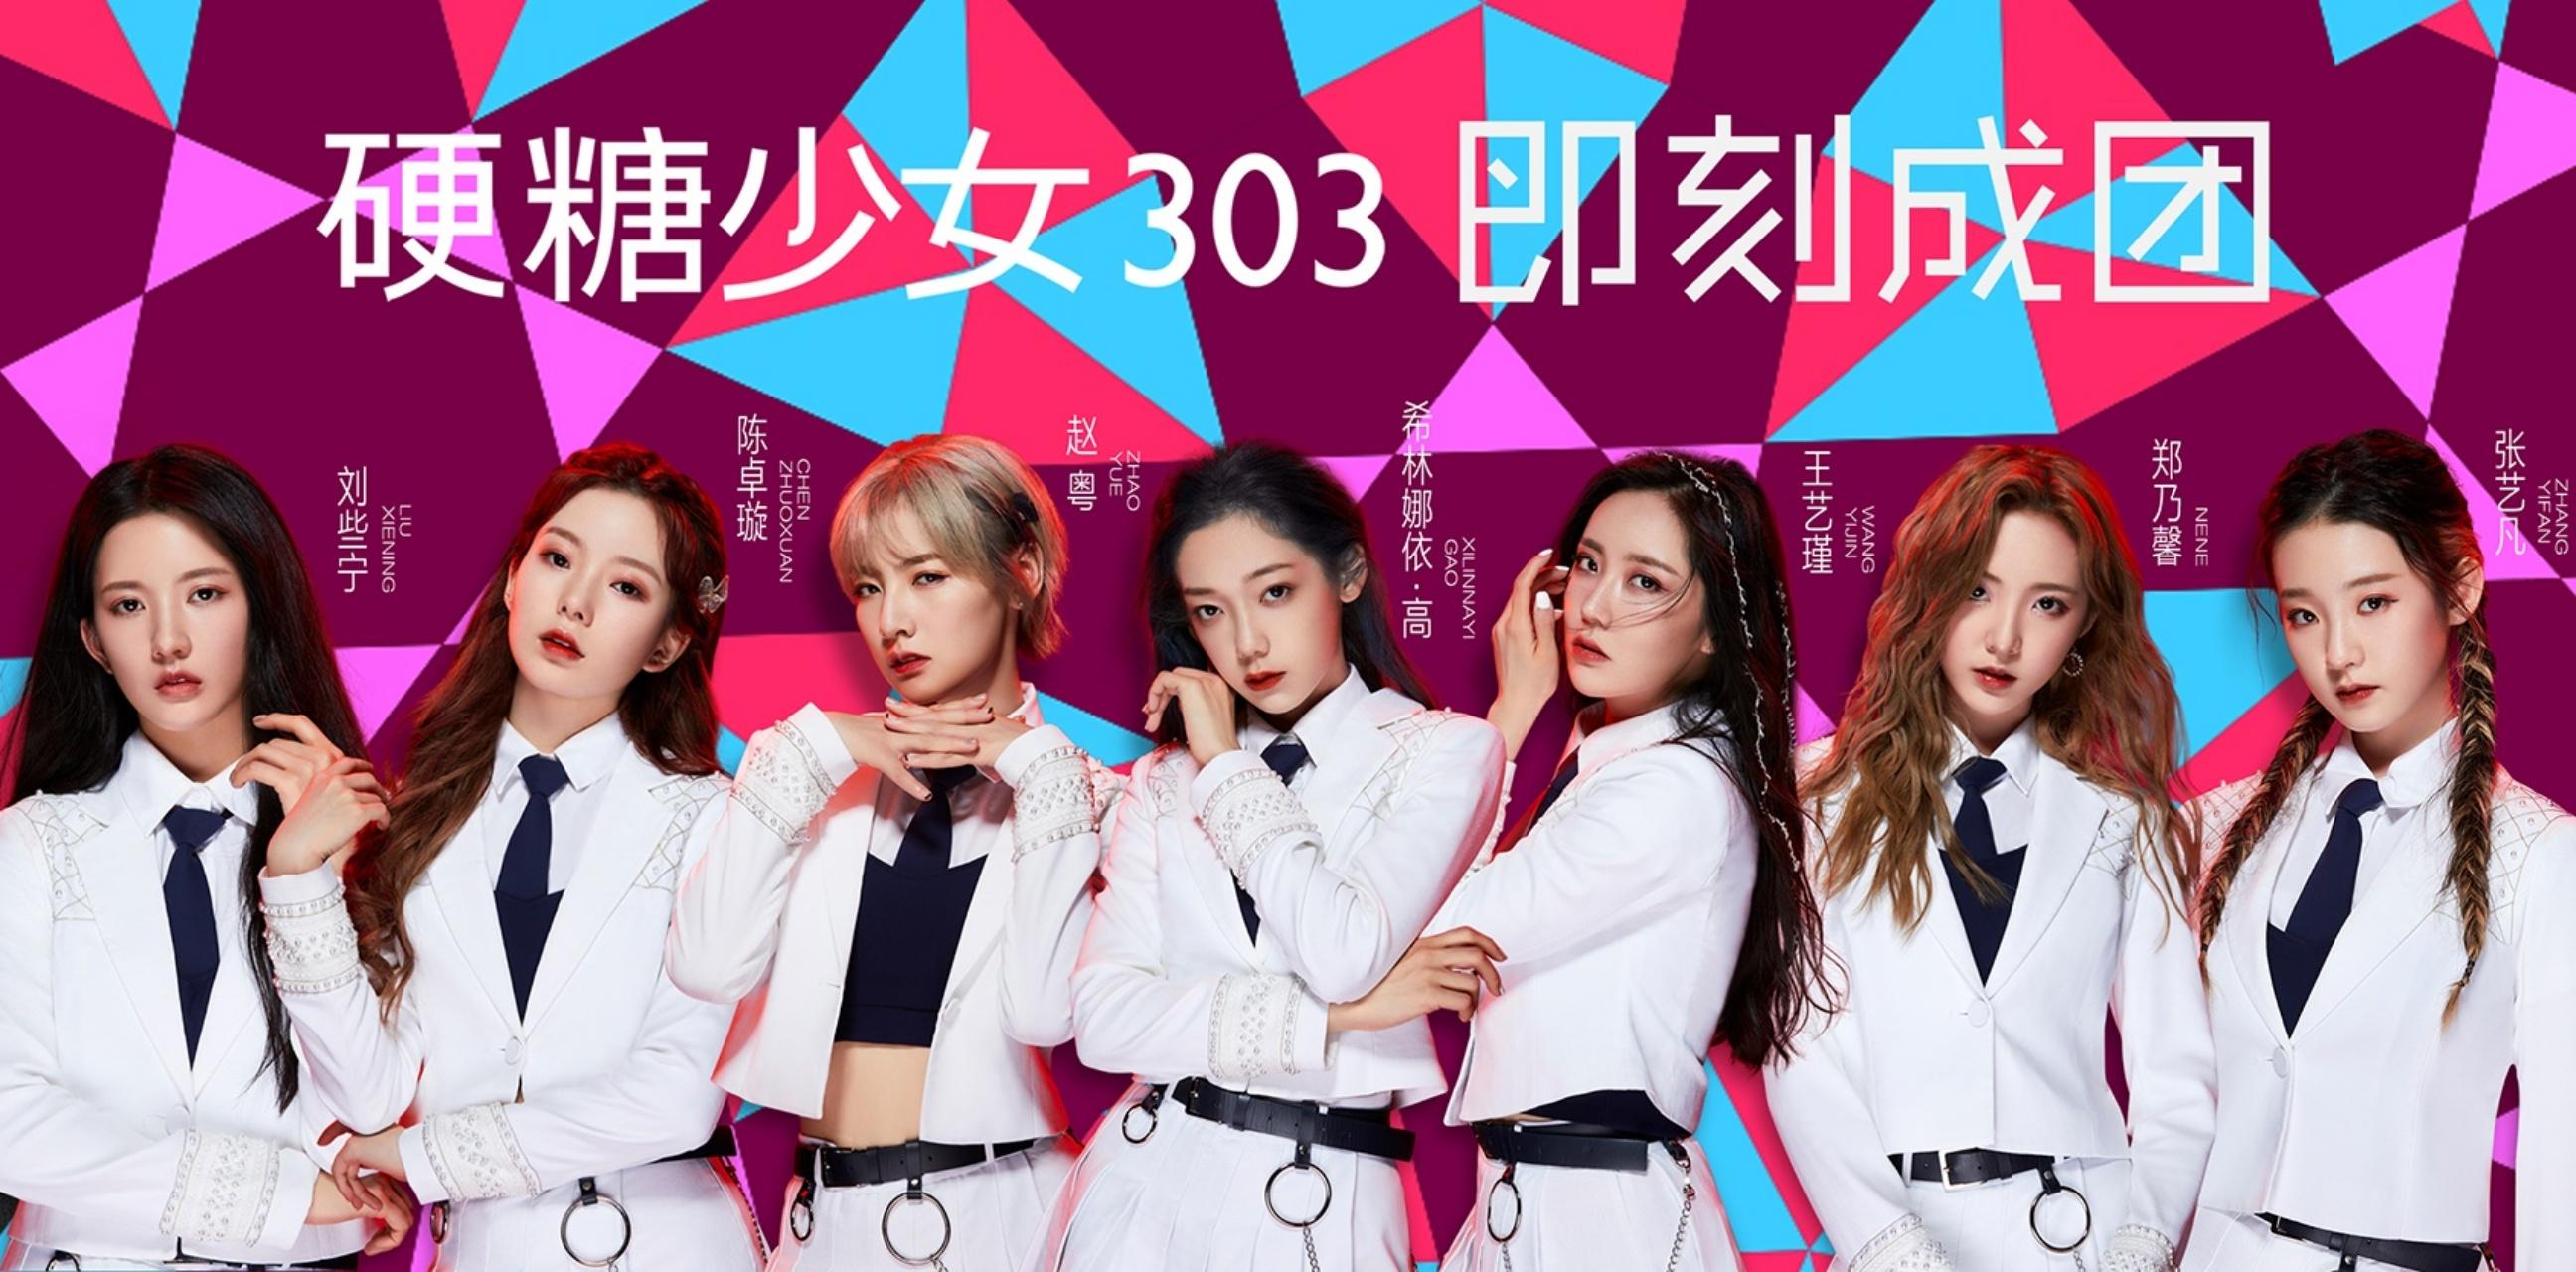 Begini proses dibentuknya BonBon Girls 303, girl band baru Tiongkok